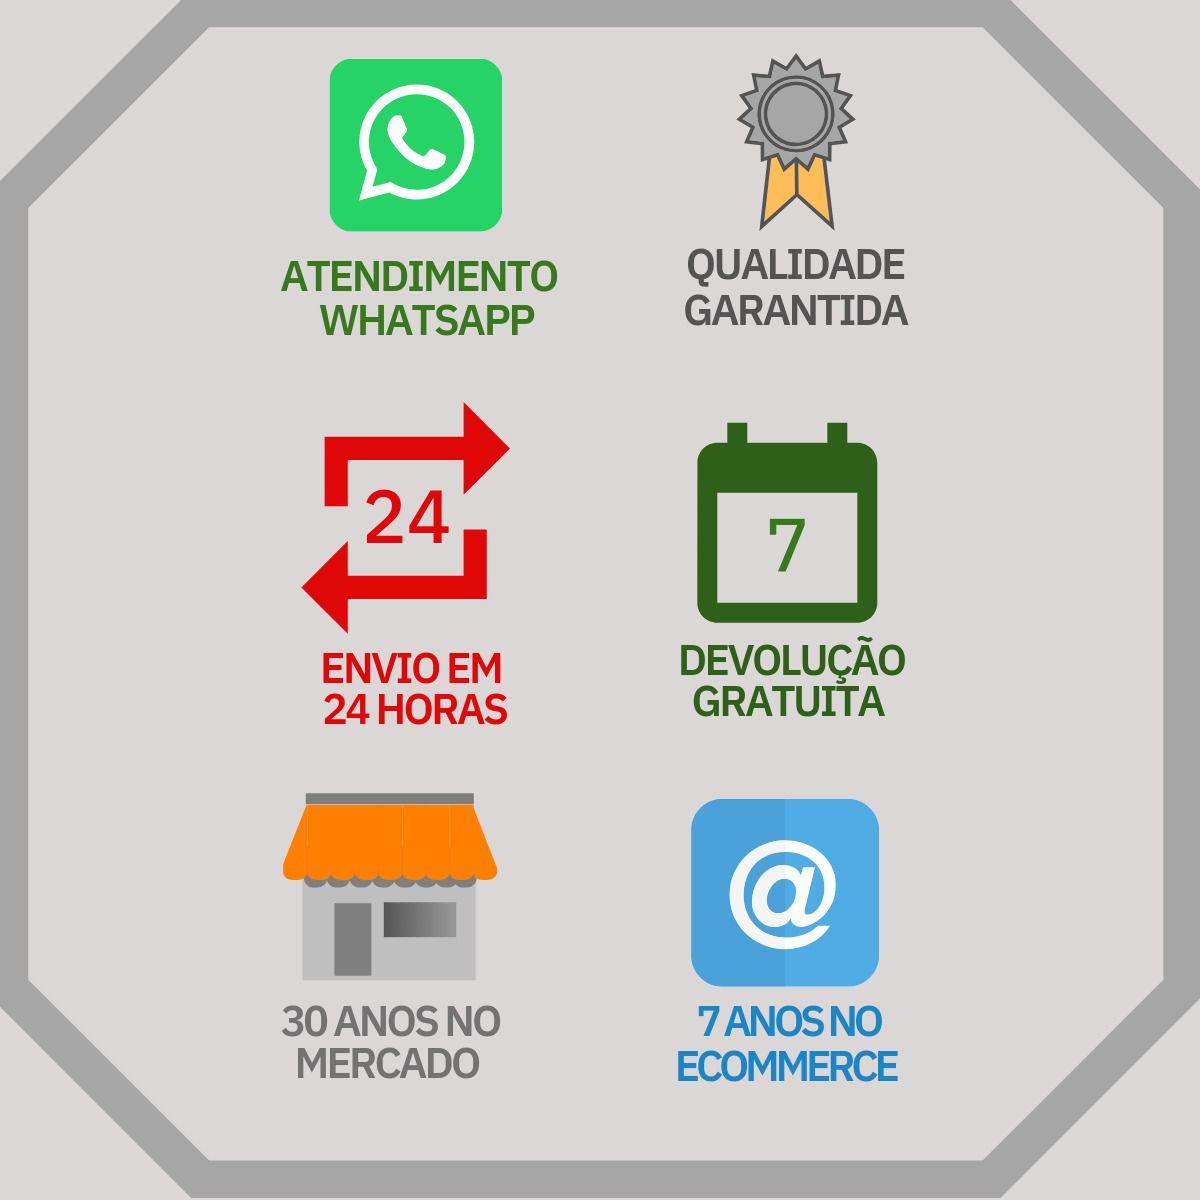 Alto Falante Tweeter 2,3 Polegadas Samsung Quadrado Preto